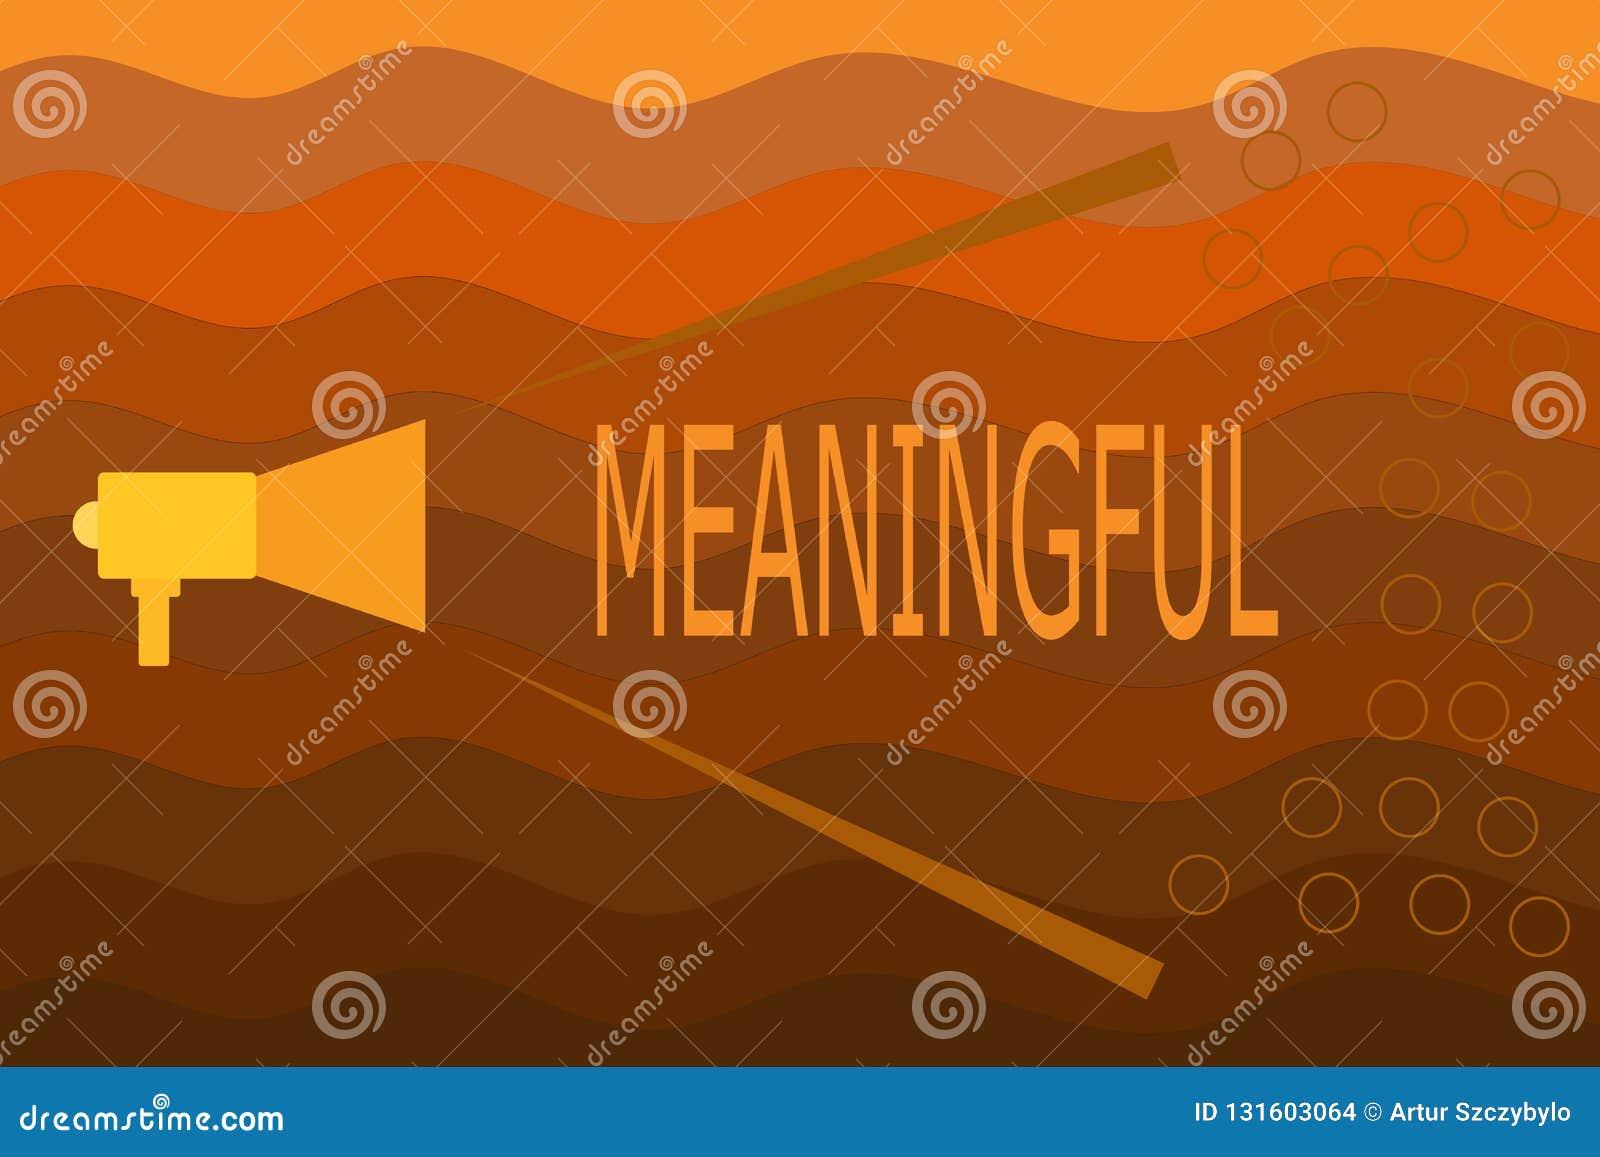 Représentation de signe des textes signicative Photo conceptuelle ayant signifier utile important approprié significatif